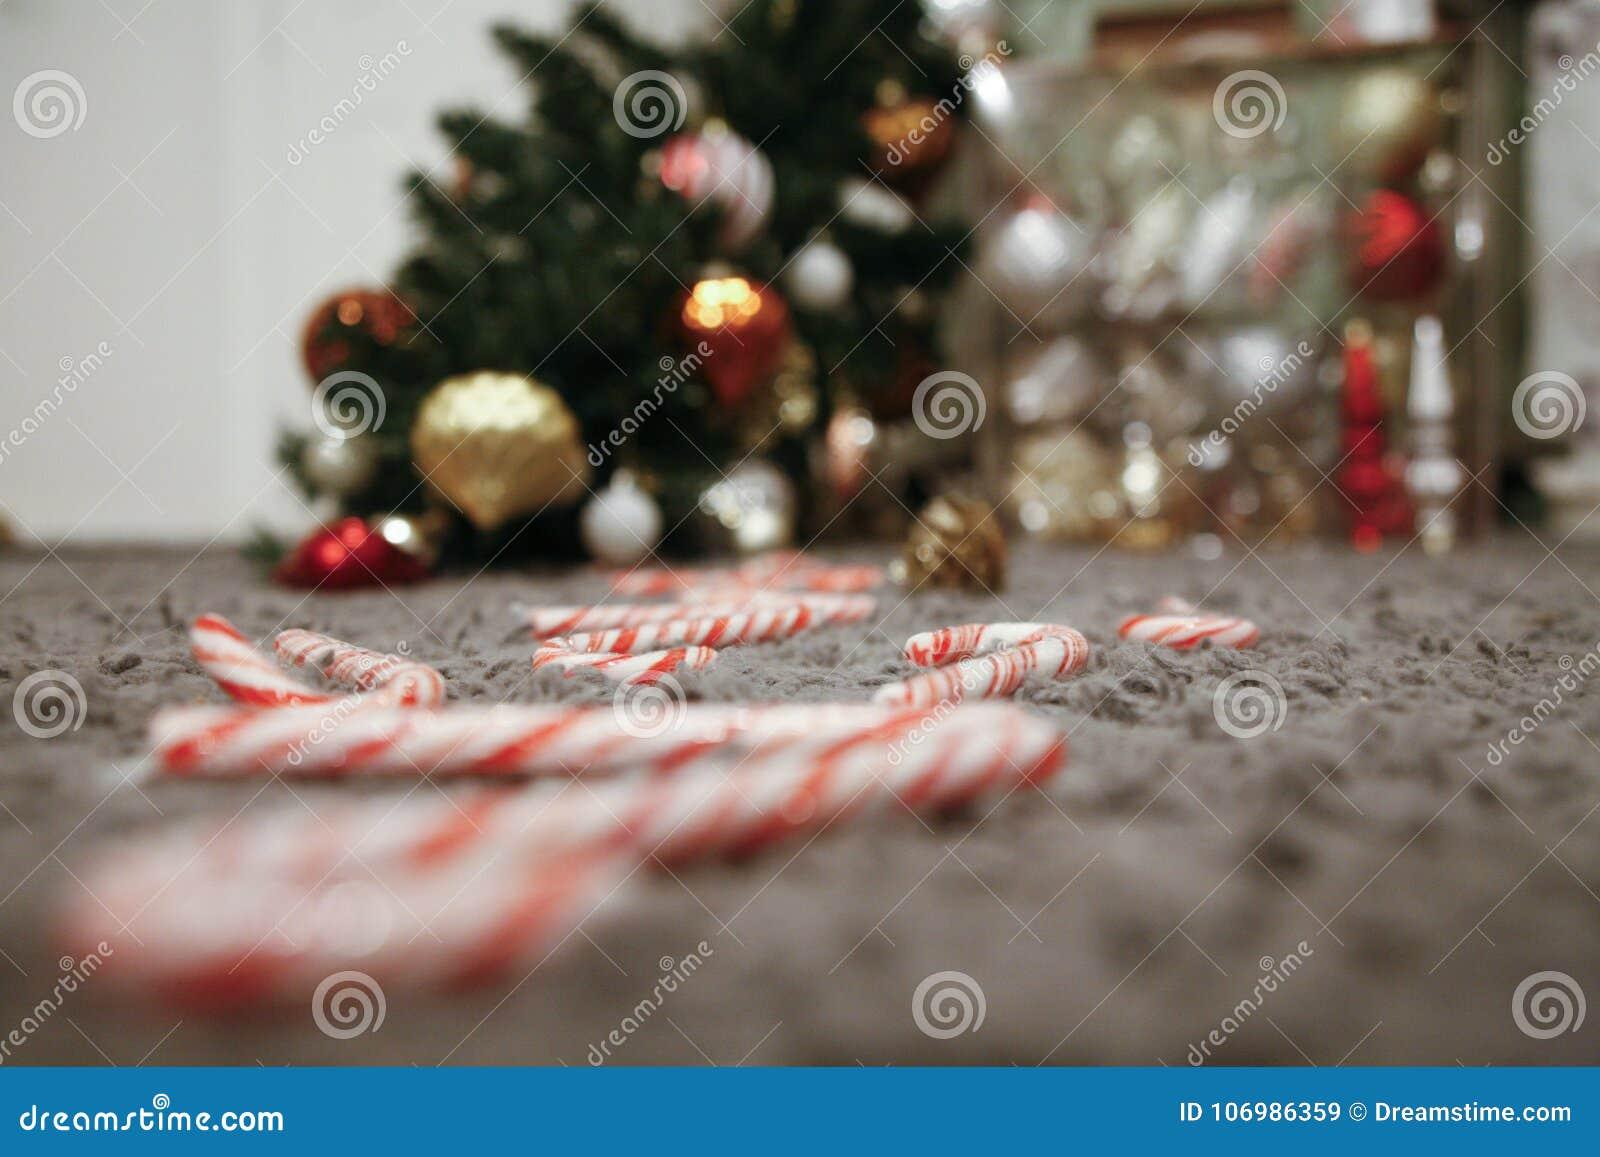 Stupad julgran och en bana av godisrottingar